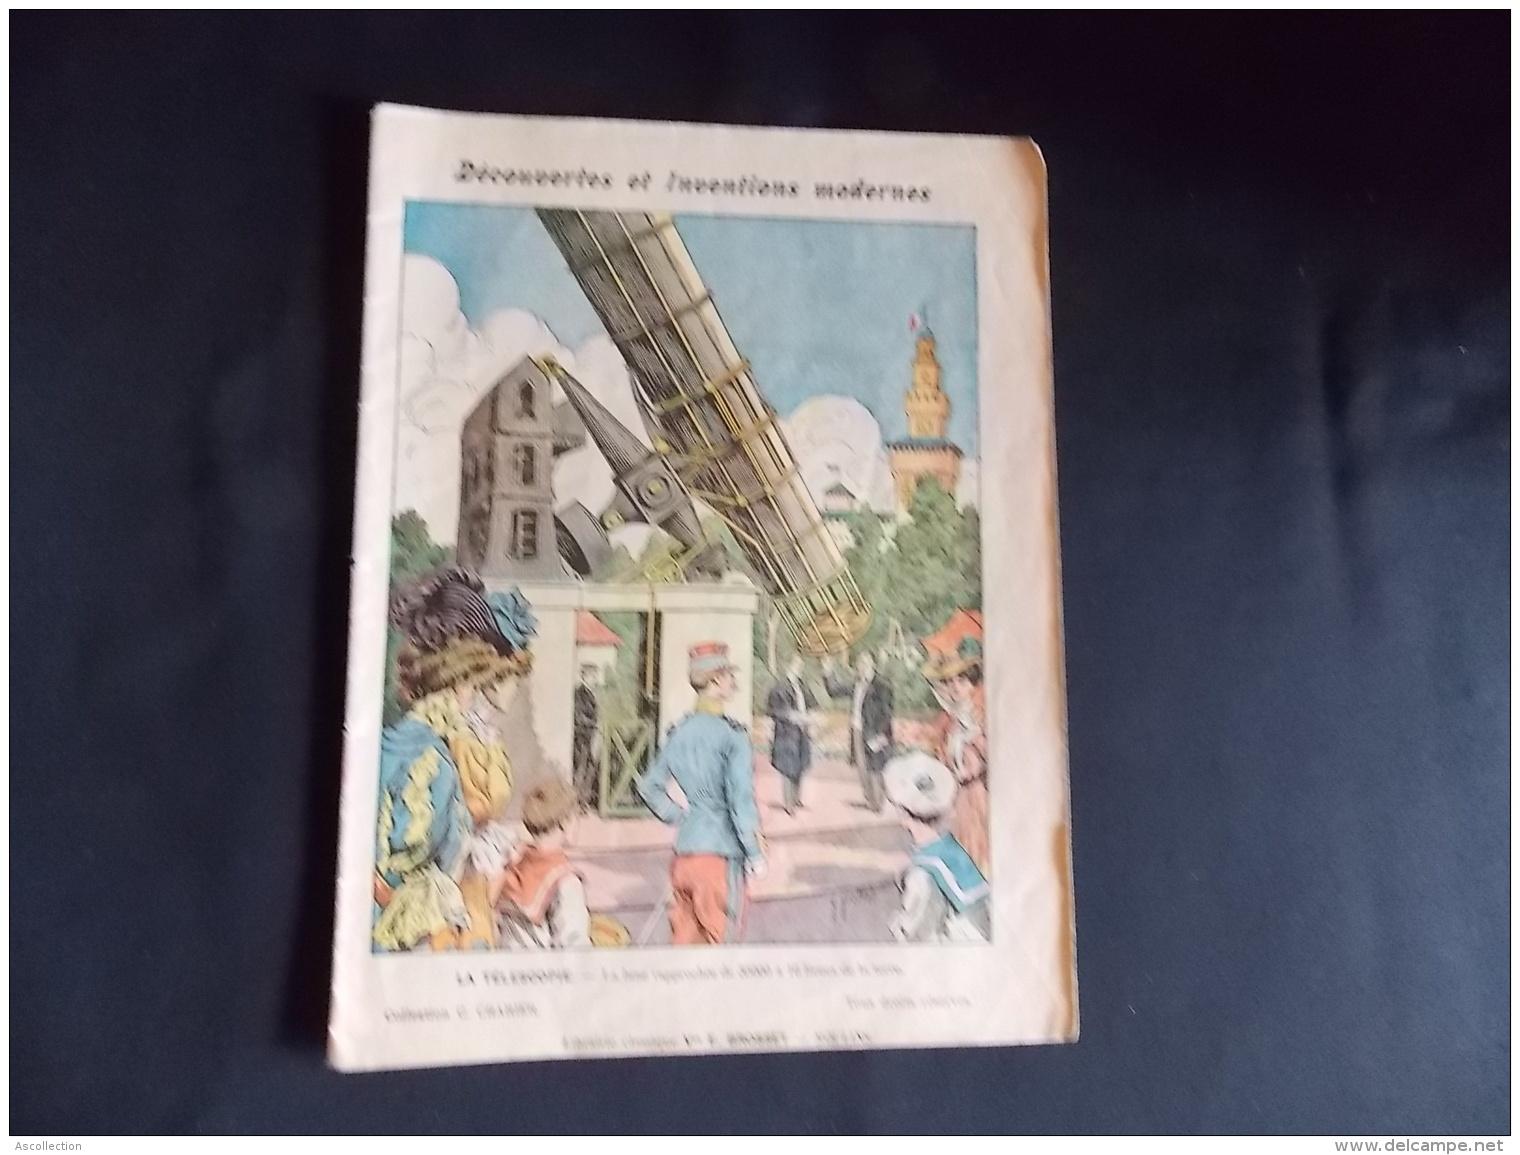 Protege Cahier Couvre Cahier Circa 1910 Ill. G Grelltet  Decouvertes Et Inventions Modernes  Lib. E Brosset Moulins - Buvards, Protège-cahiers Illustrés